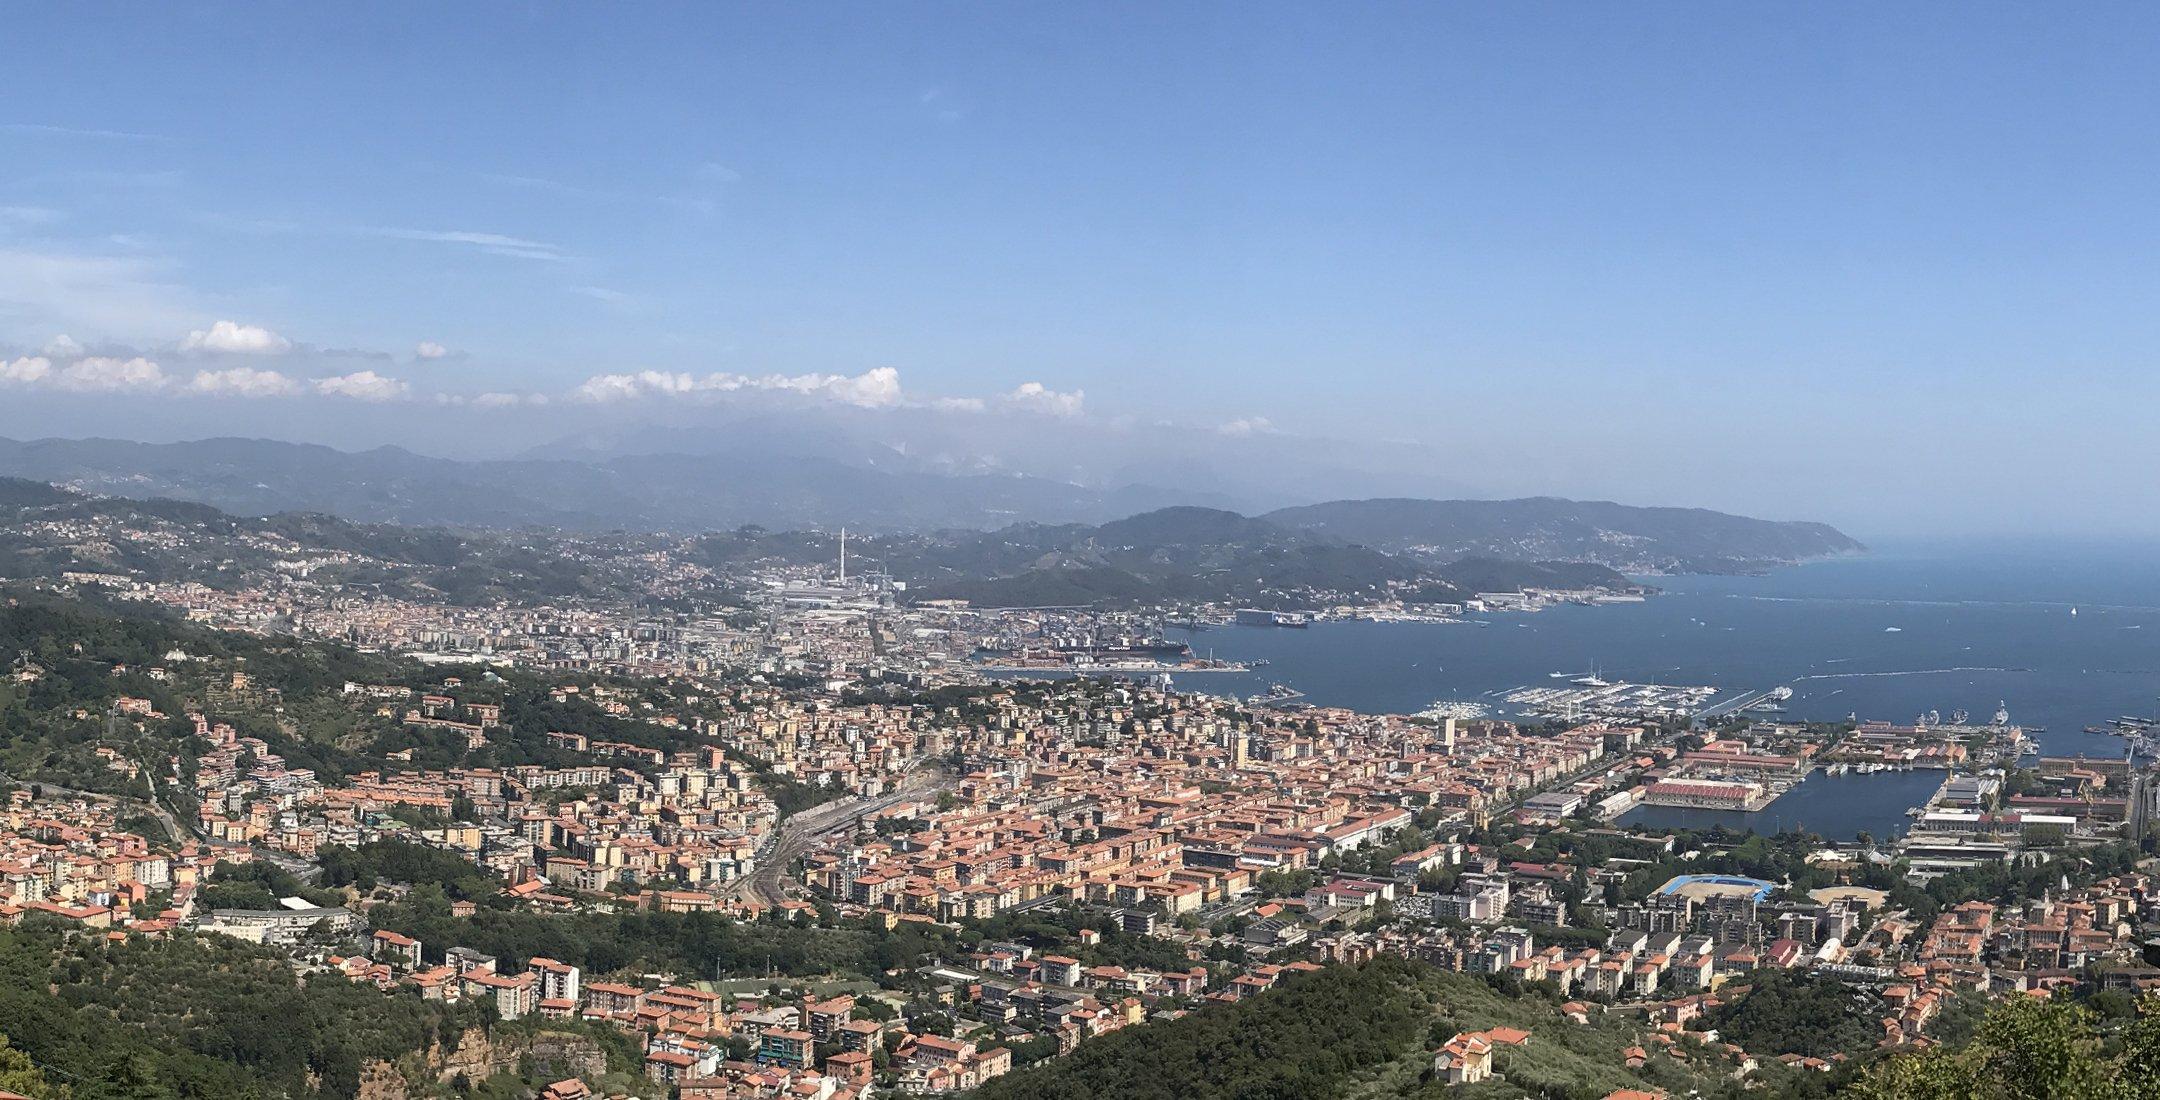 Panoramica della città di La Spezia